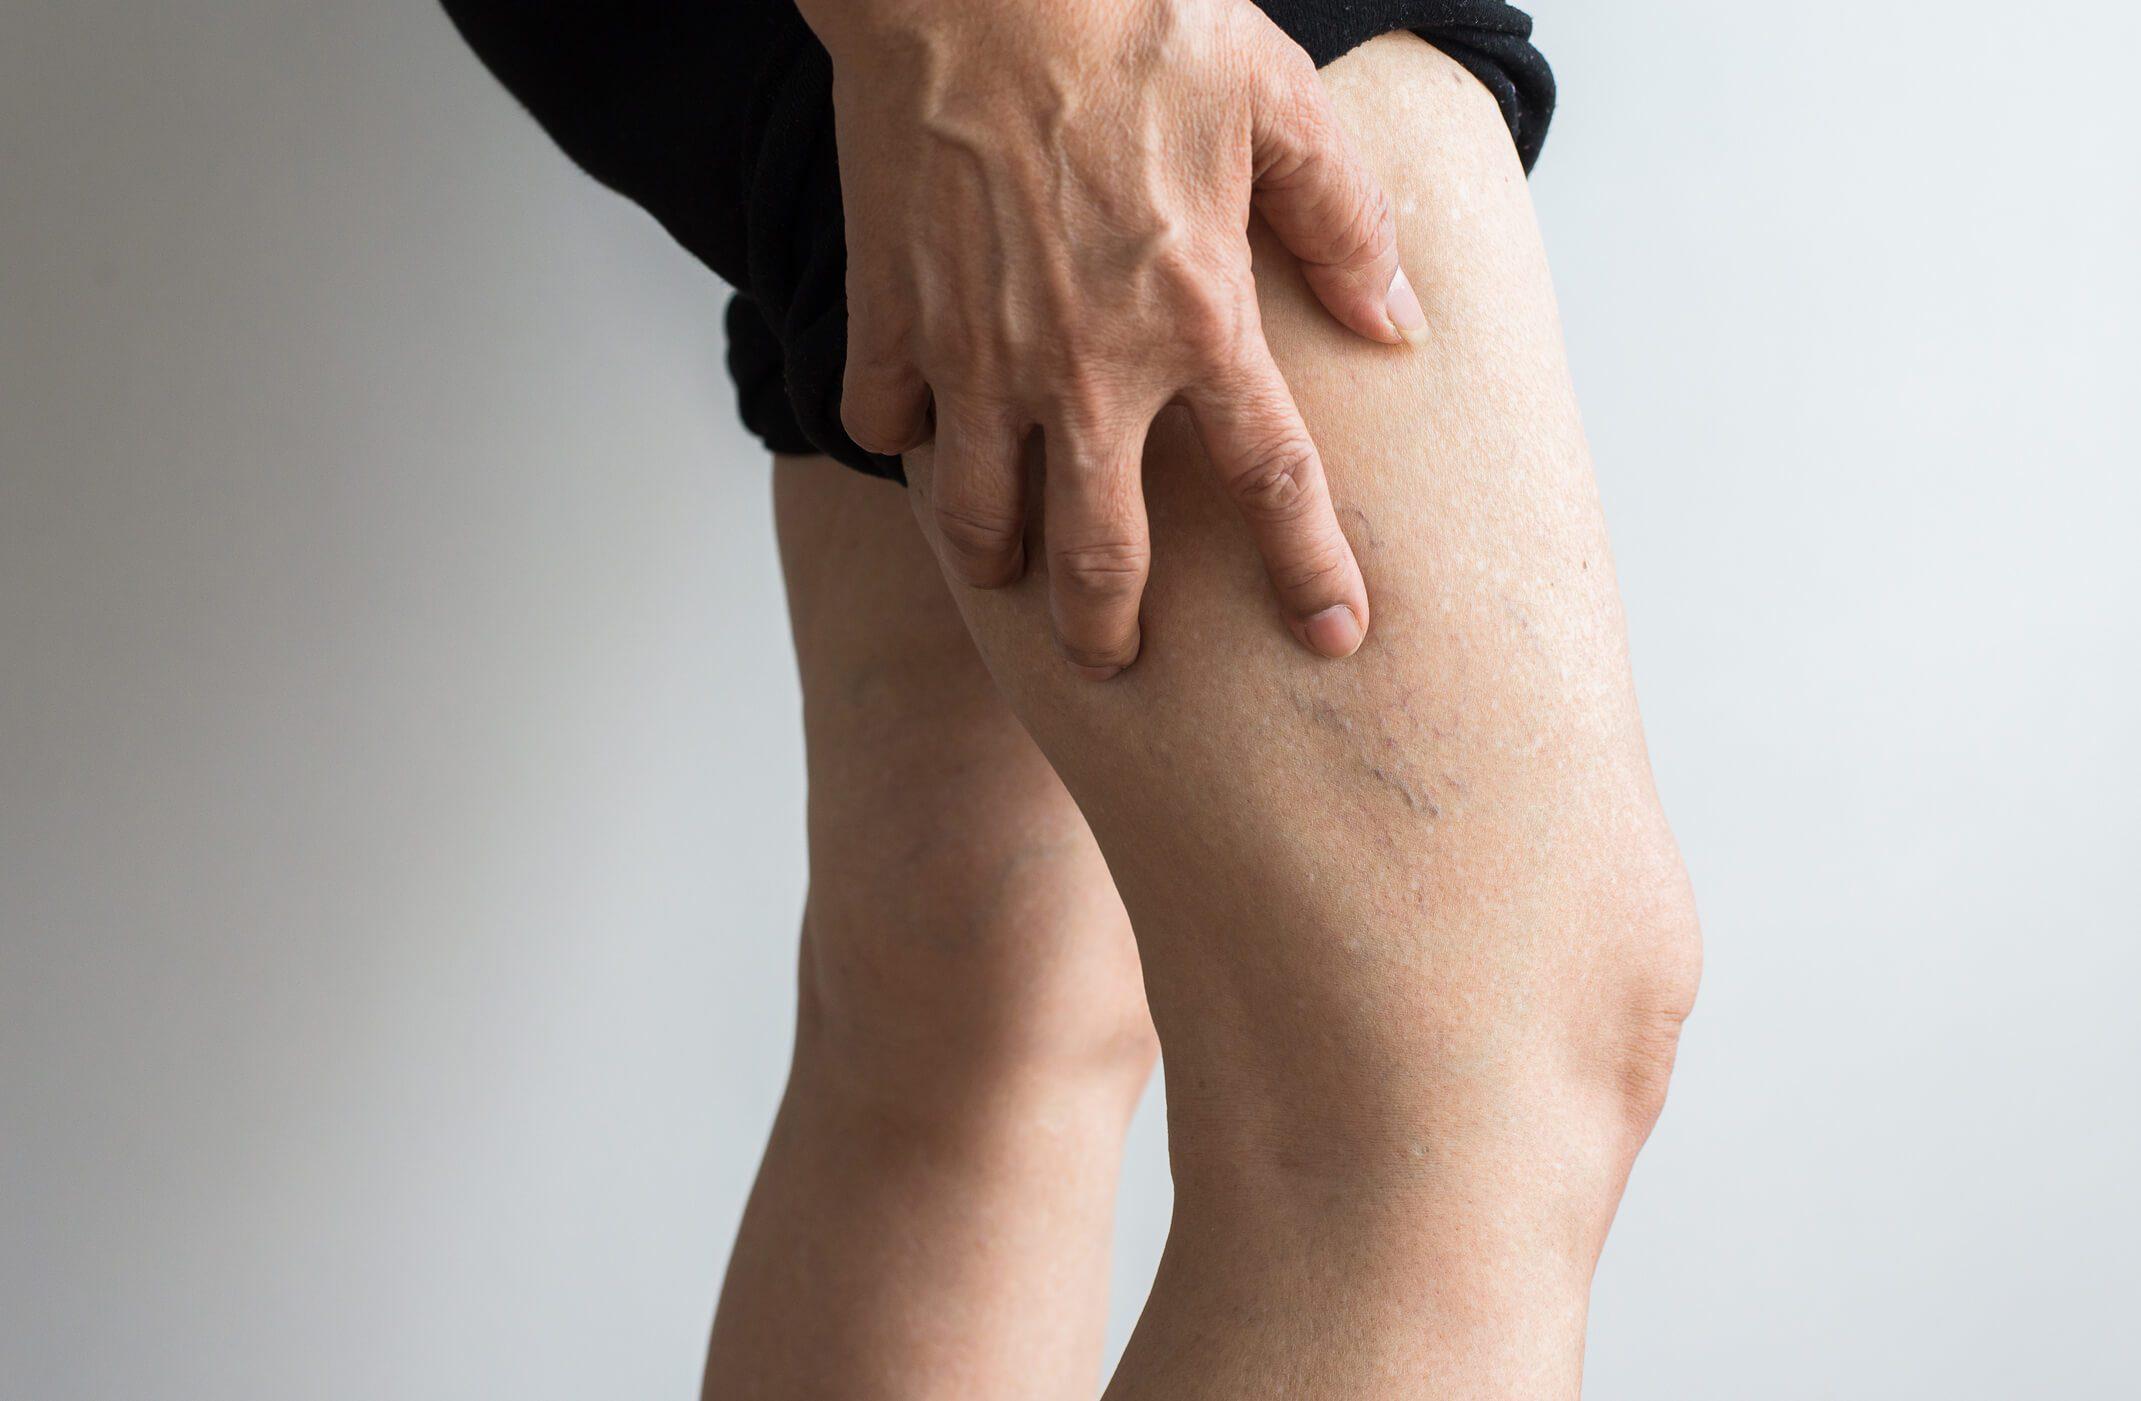 Deep Vein Thrombosis Symptoms | Gilvydis Vein Clinic